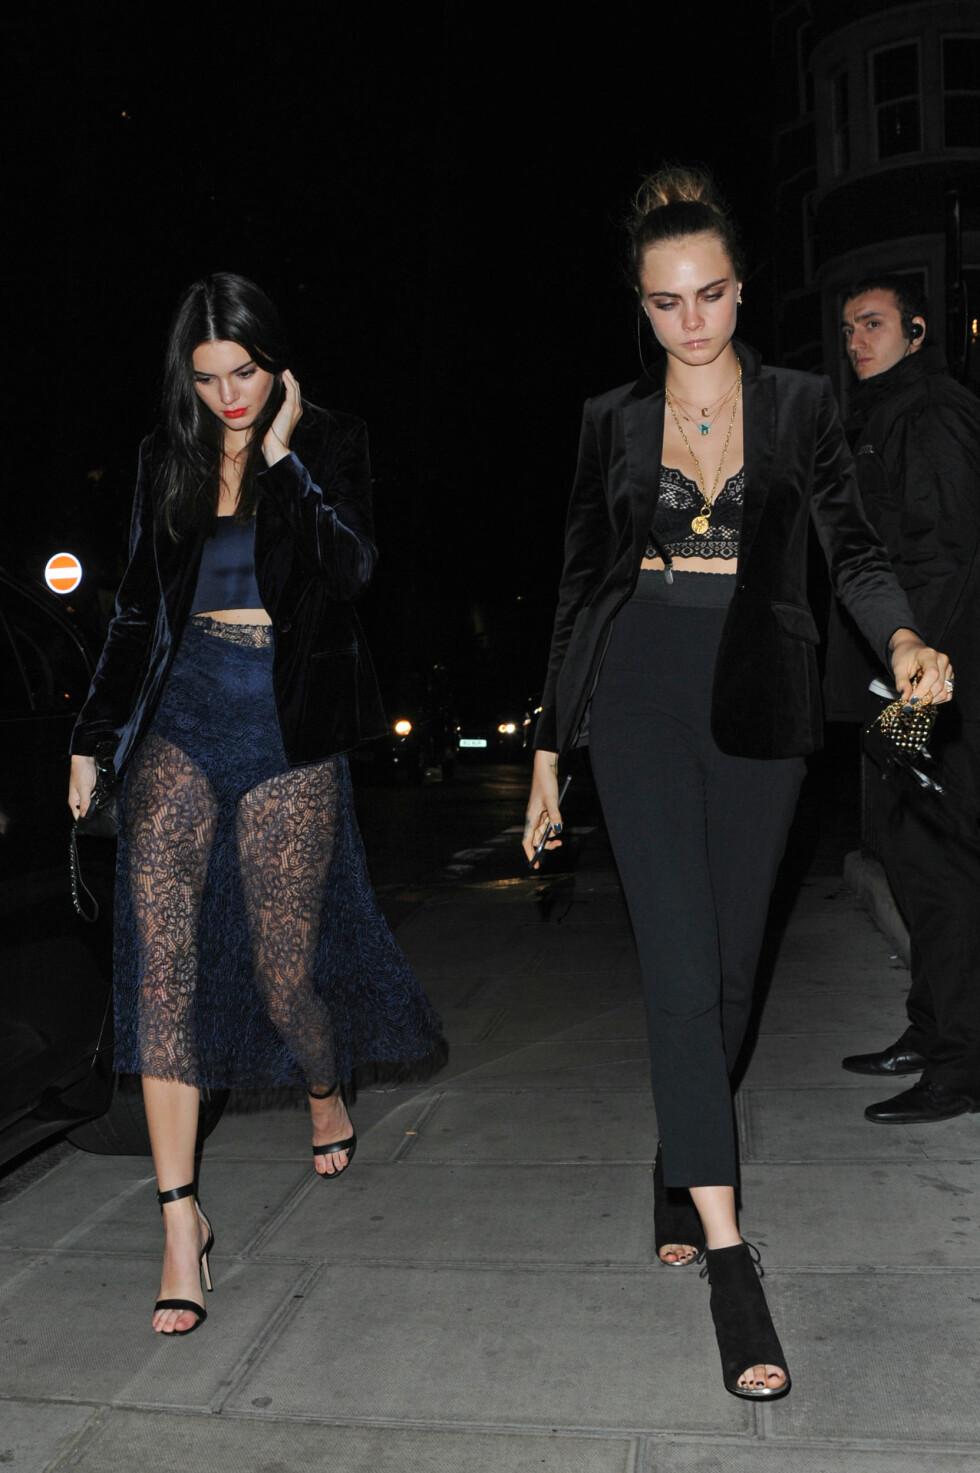 PÅ BYEN: Kendall Jenner gikk for en sexy blondelook da hun og venninnen Cara Delevingne testet ut utelivet i London i oktober. Foto: NTB Scanpix